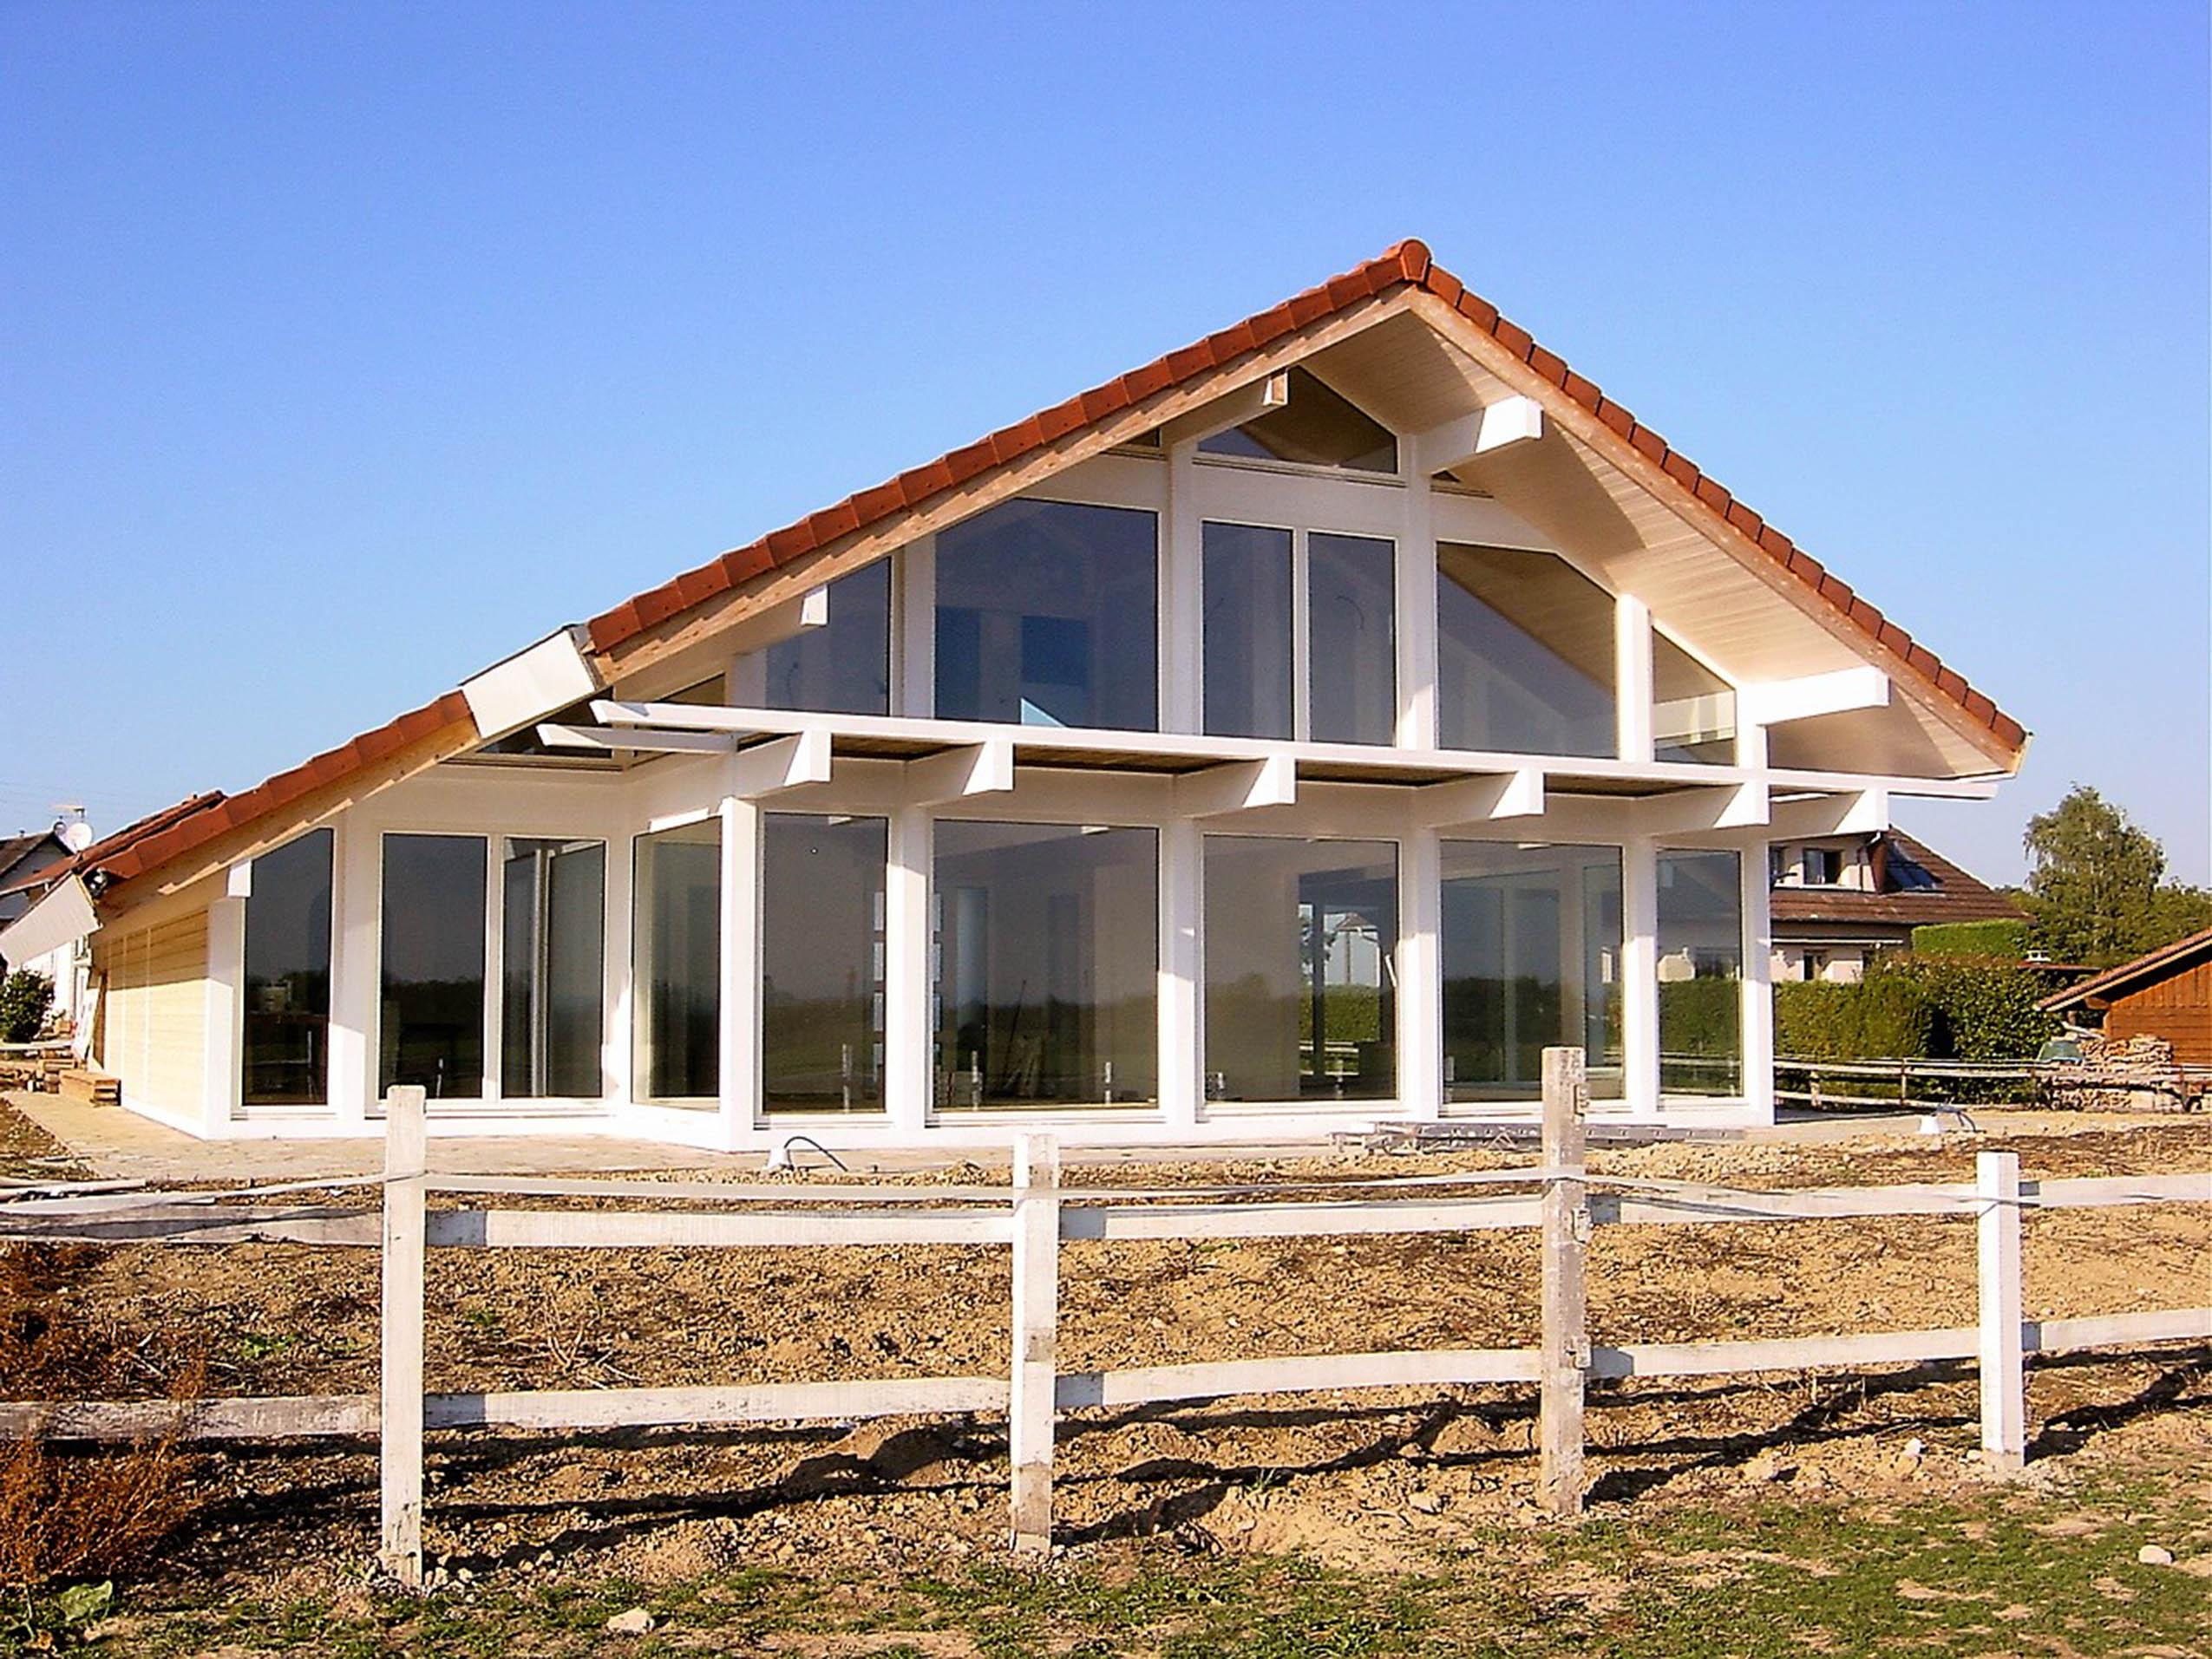 Constructeur maison bois alsace for Maison en bois alsace